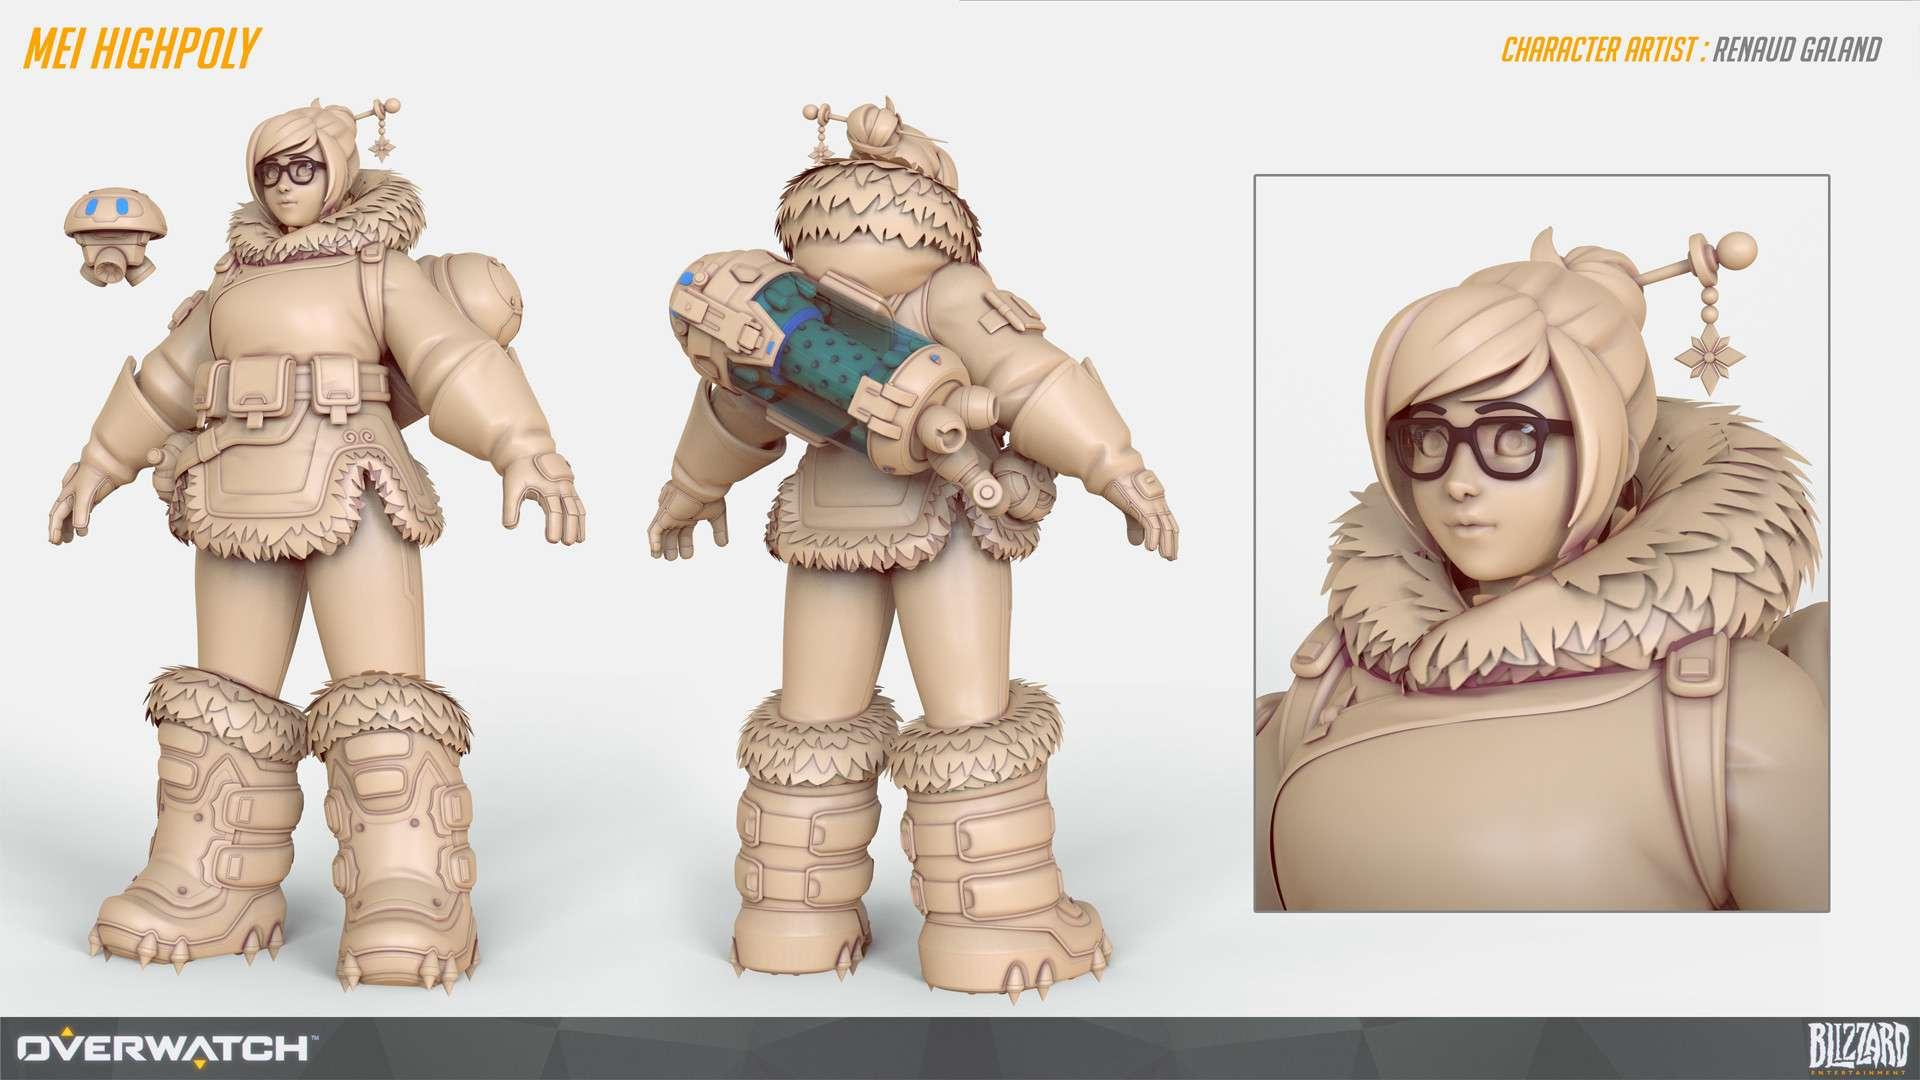 Створення персонажів для AAA-ігор, з Renaud Galand (частина 1)